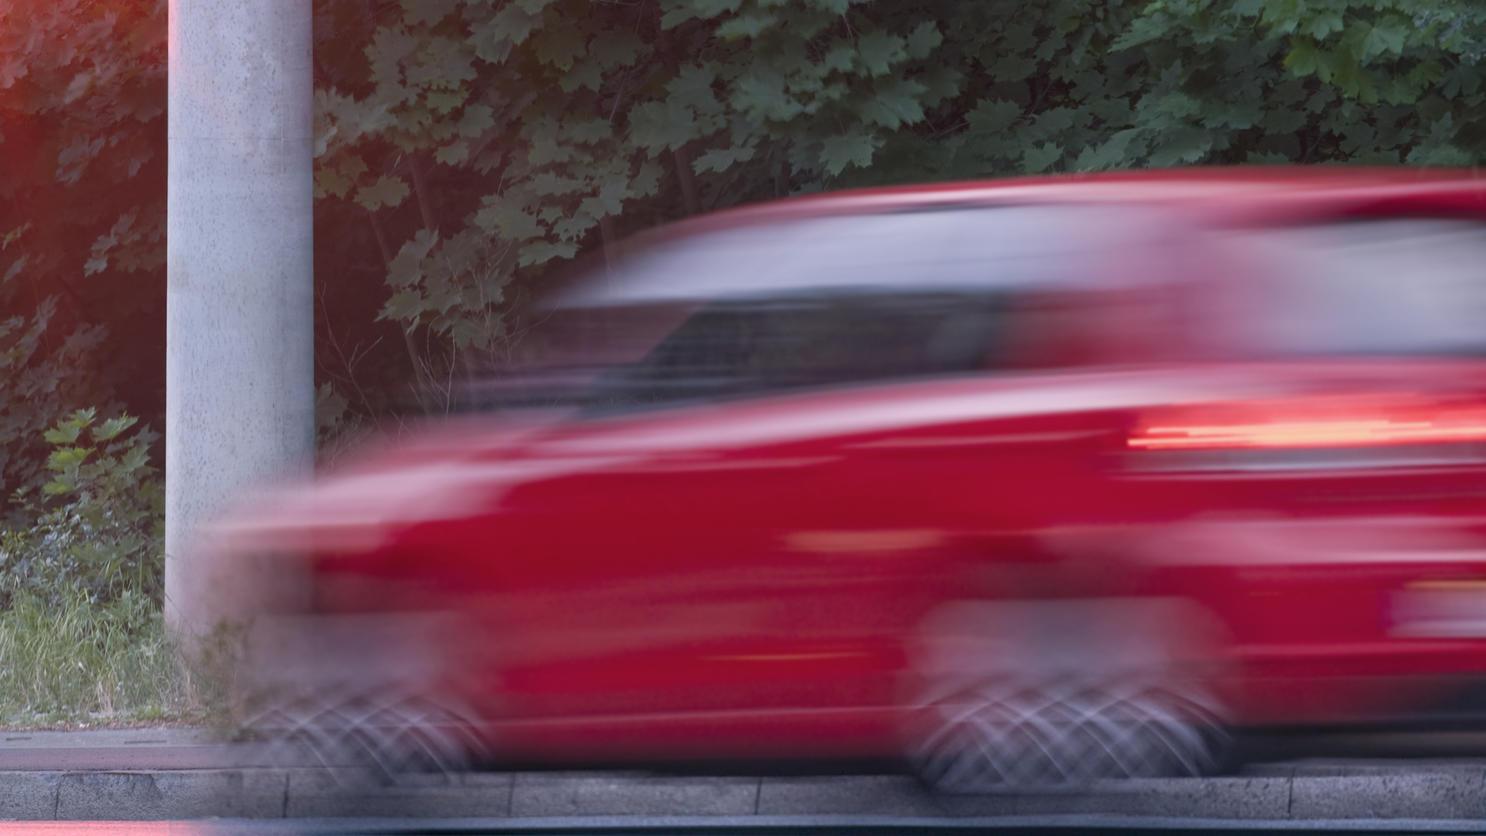 Vor dem Zusammenstoß soll die Fahrerin stark beschleunigt haben. (Symbolbild)